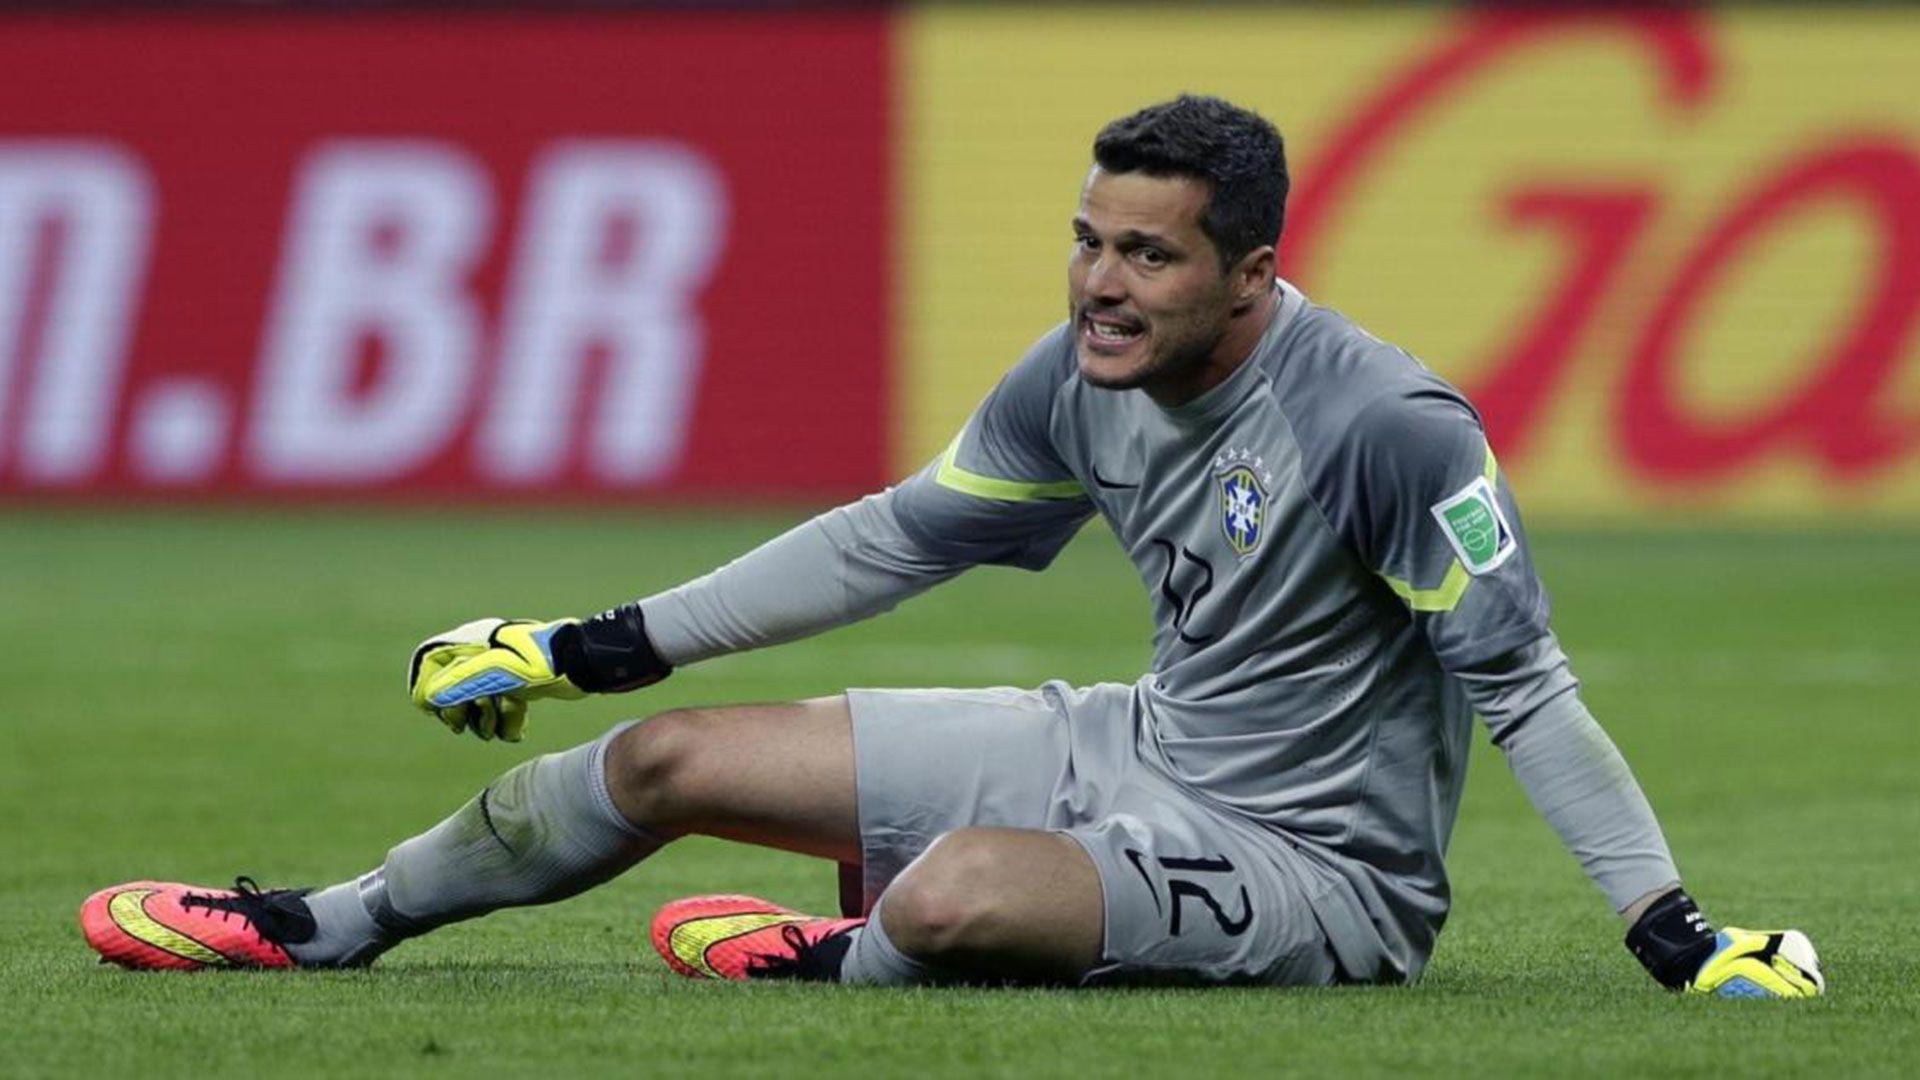 Julio César había triunfado en el Inter y era pieza clave de aquella selección Brasileña